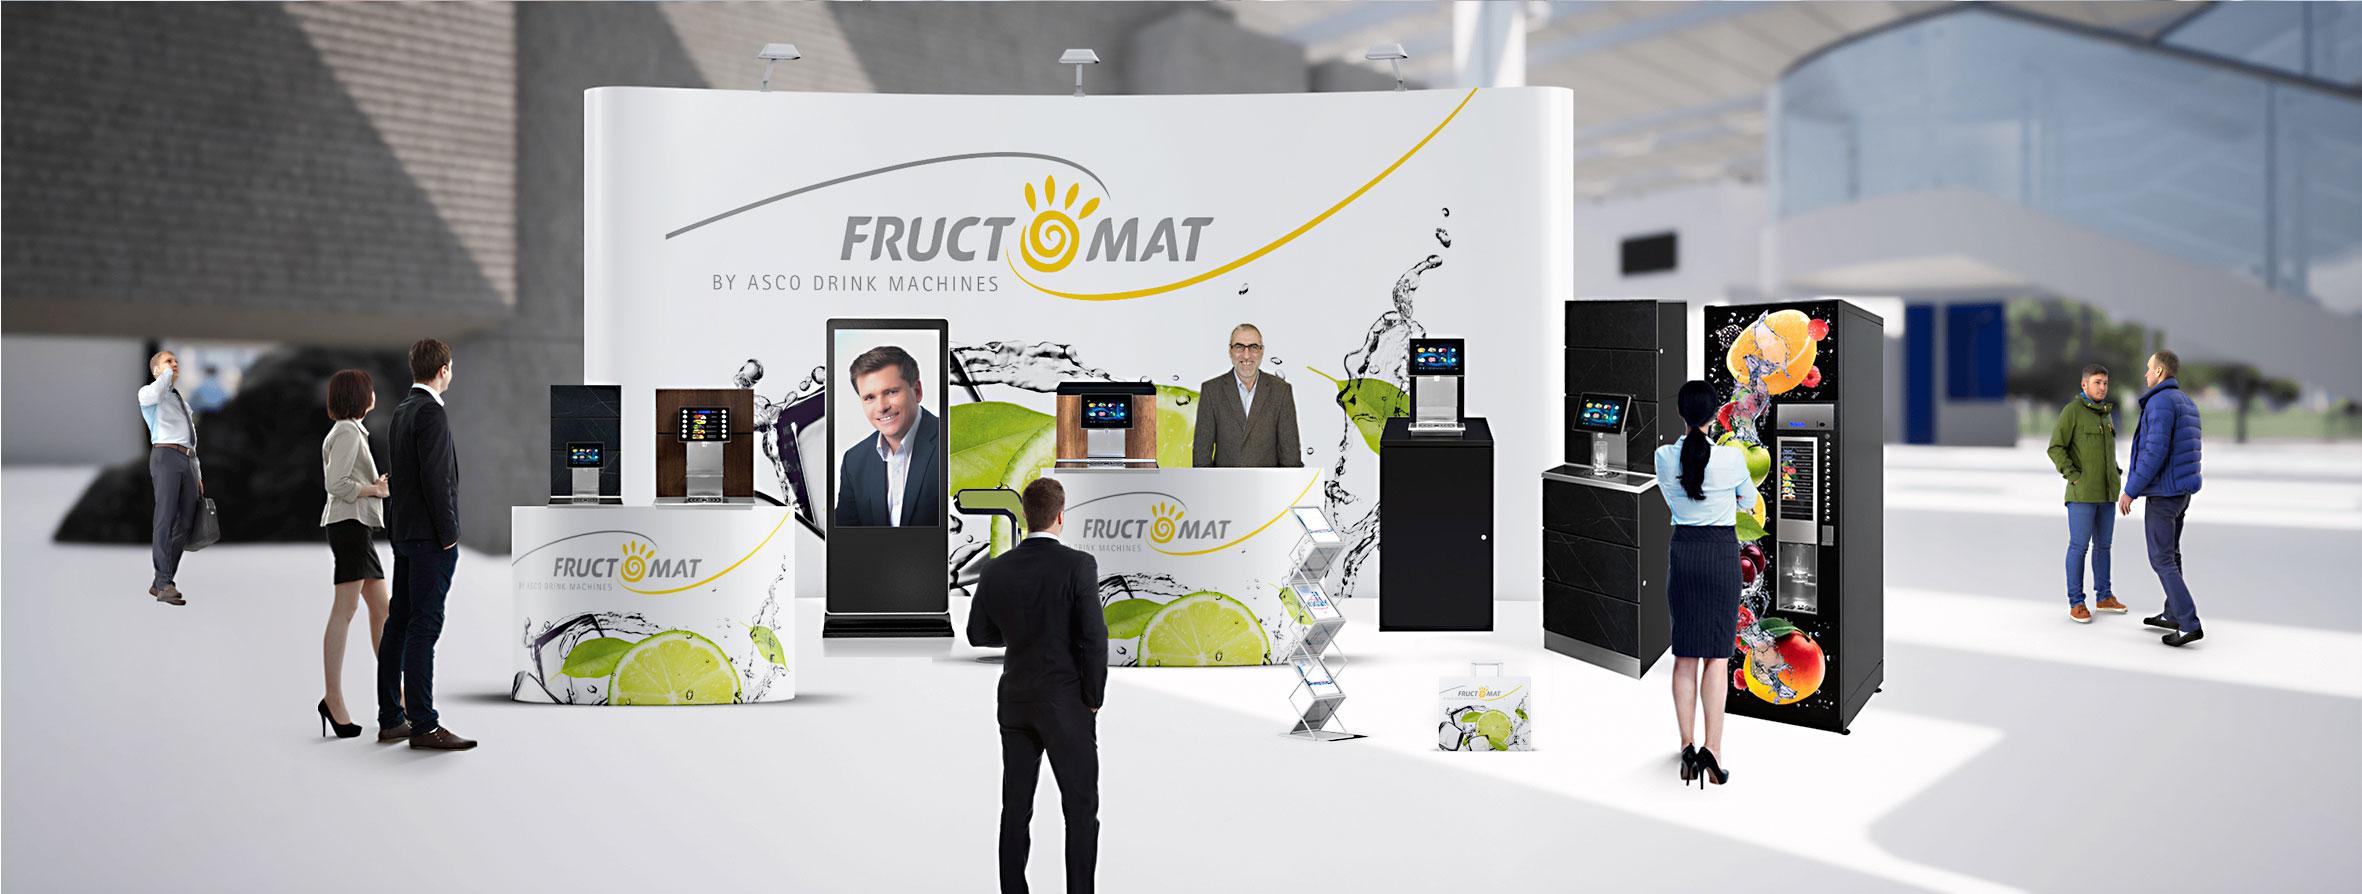 Asco Vendtra Vending Trade Festival Deutschland